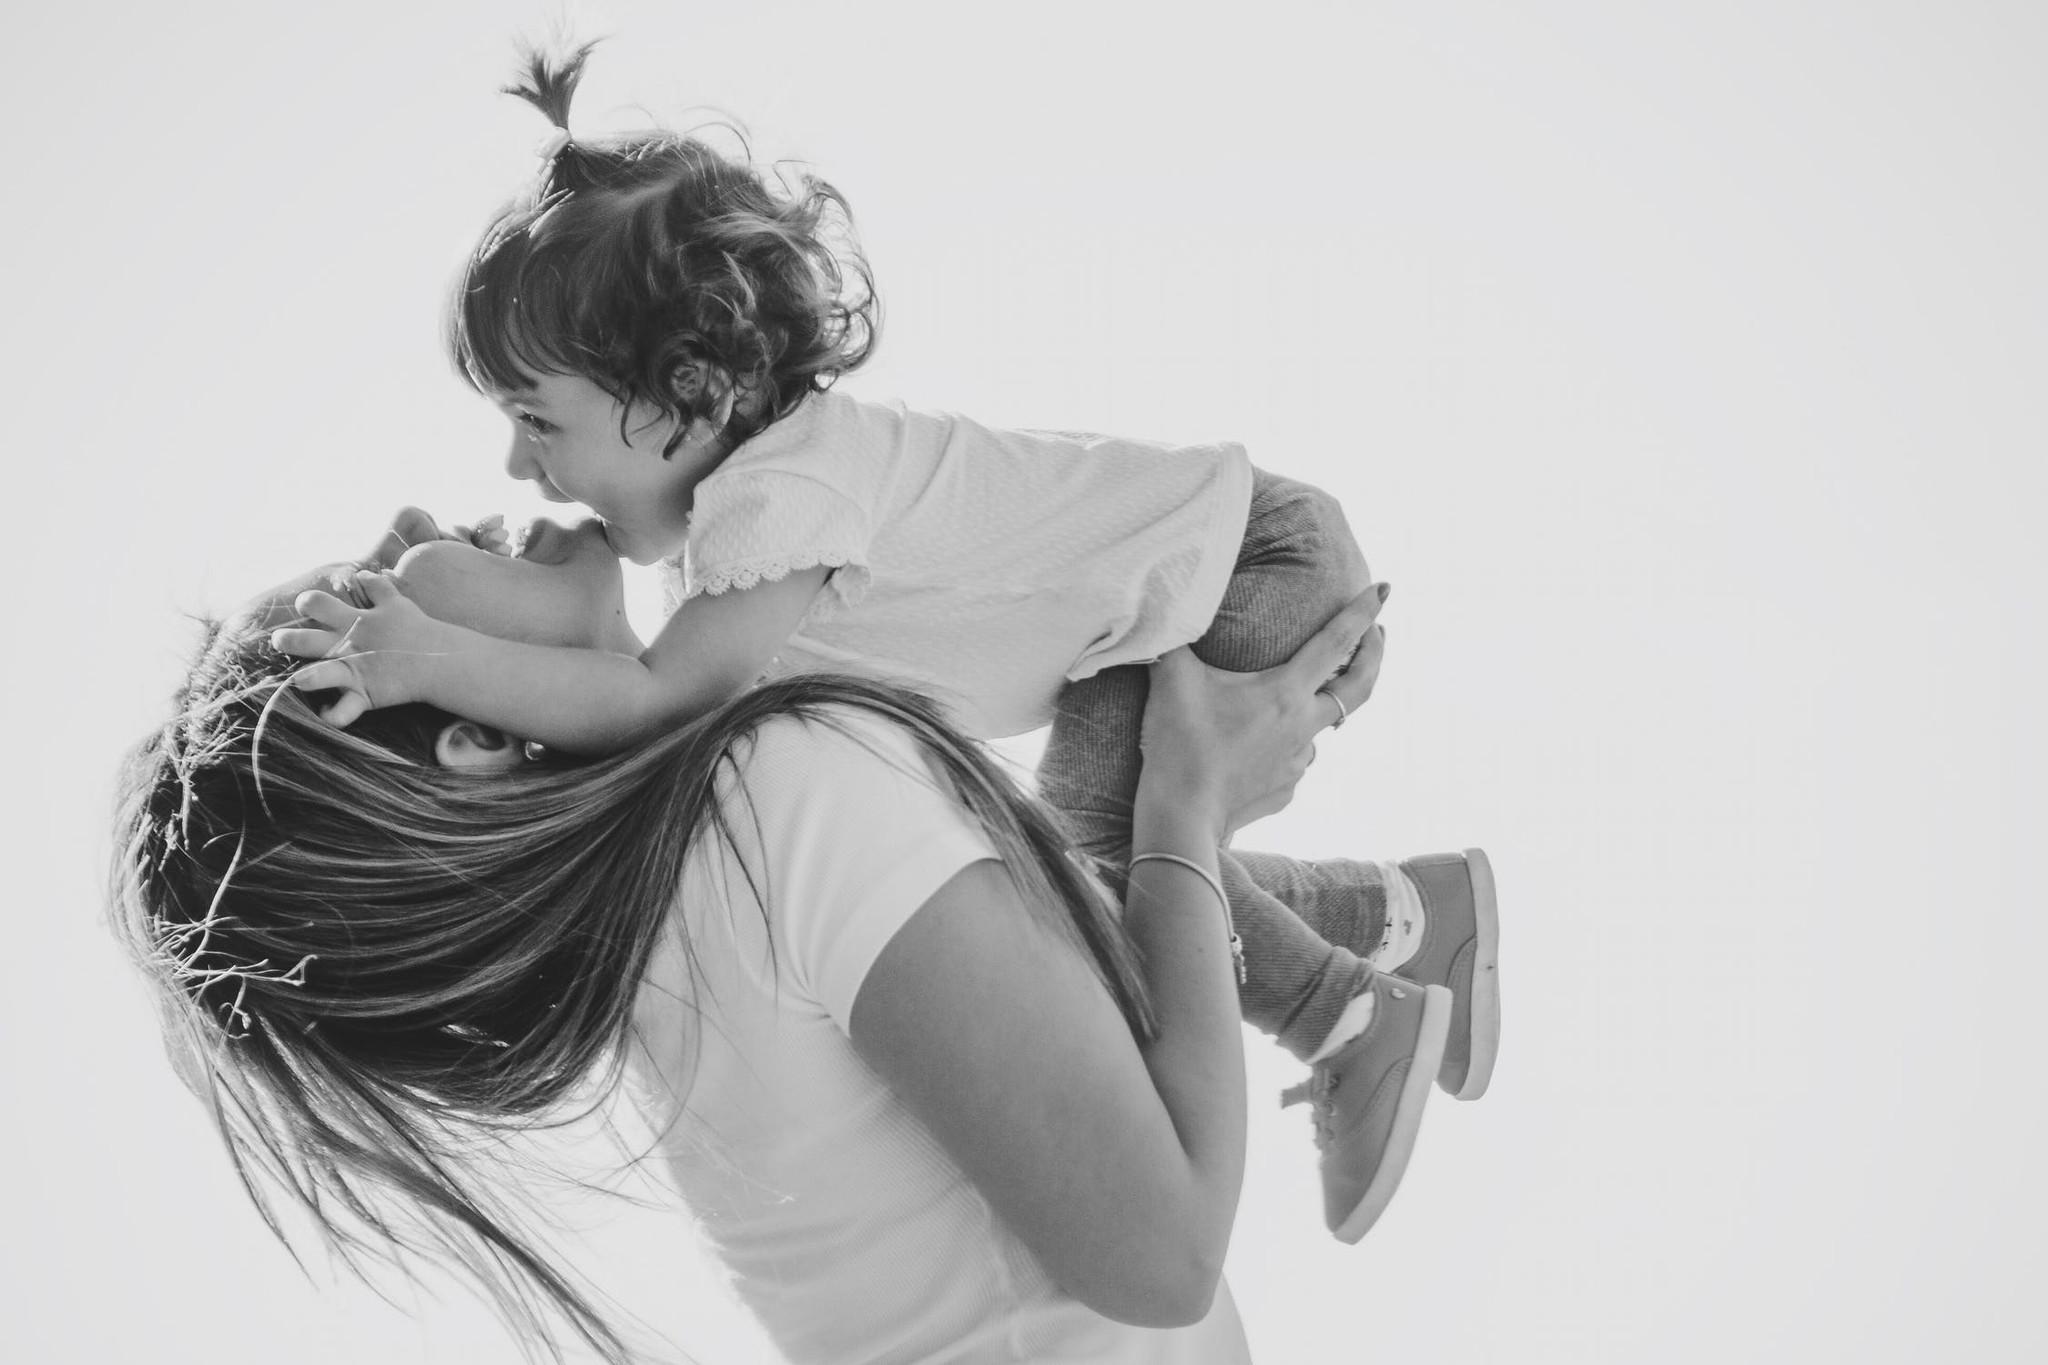 De alleenstaande moeder: 'wees trots op jezelf!'